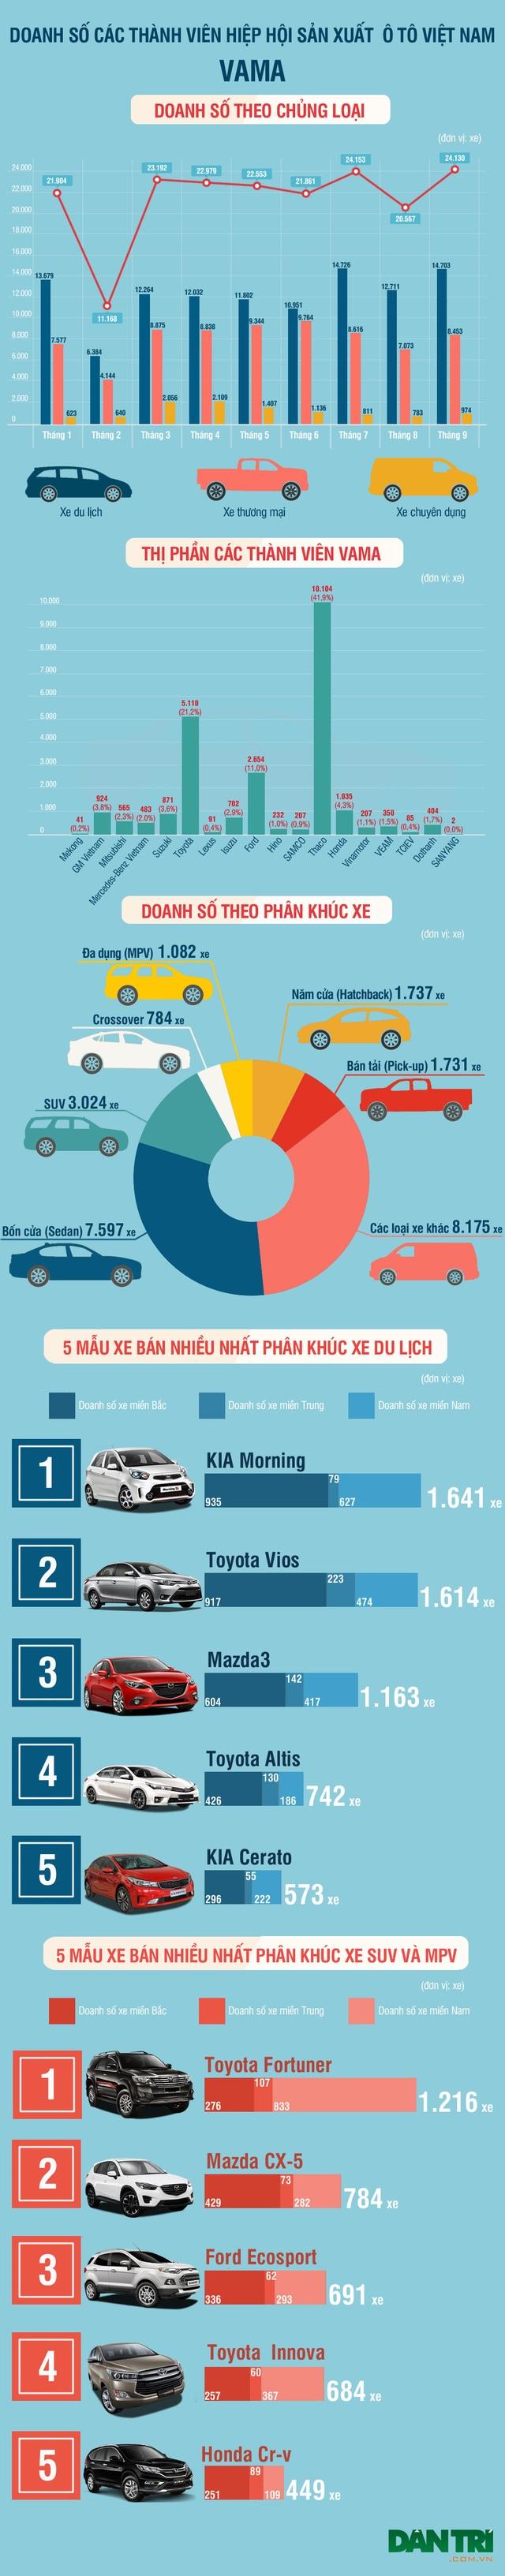 Toyota và Trường Hải chia nhau các vị trí dẫn đầu - 1